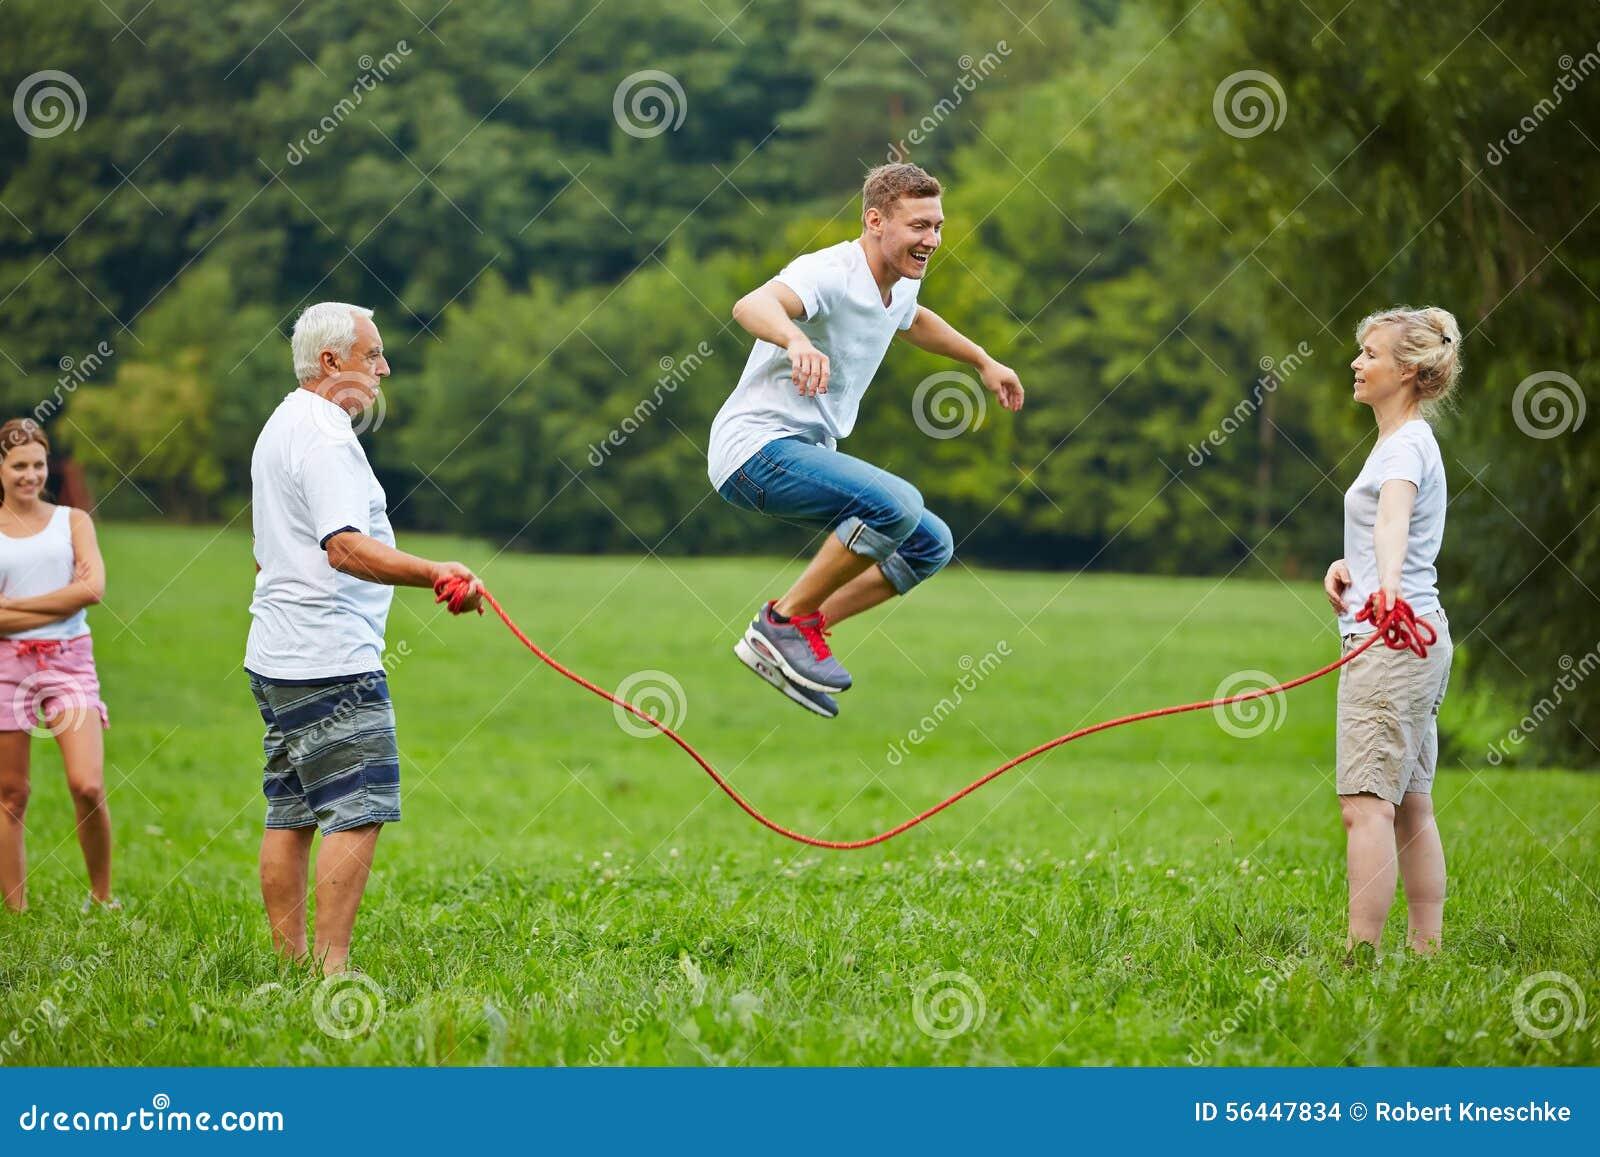 Manntau, der mit springendem Seil überspringt